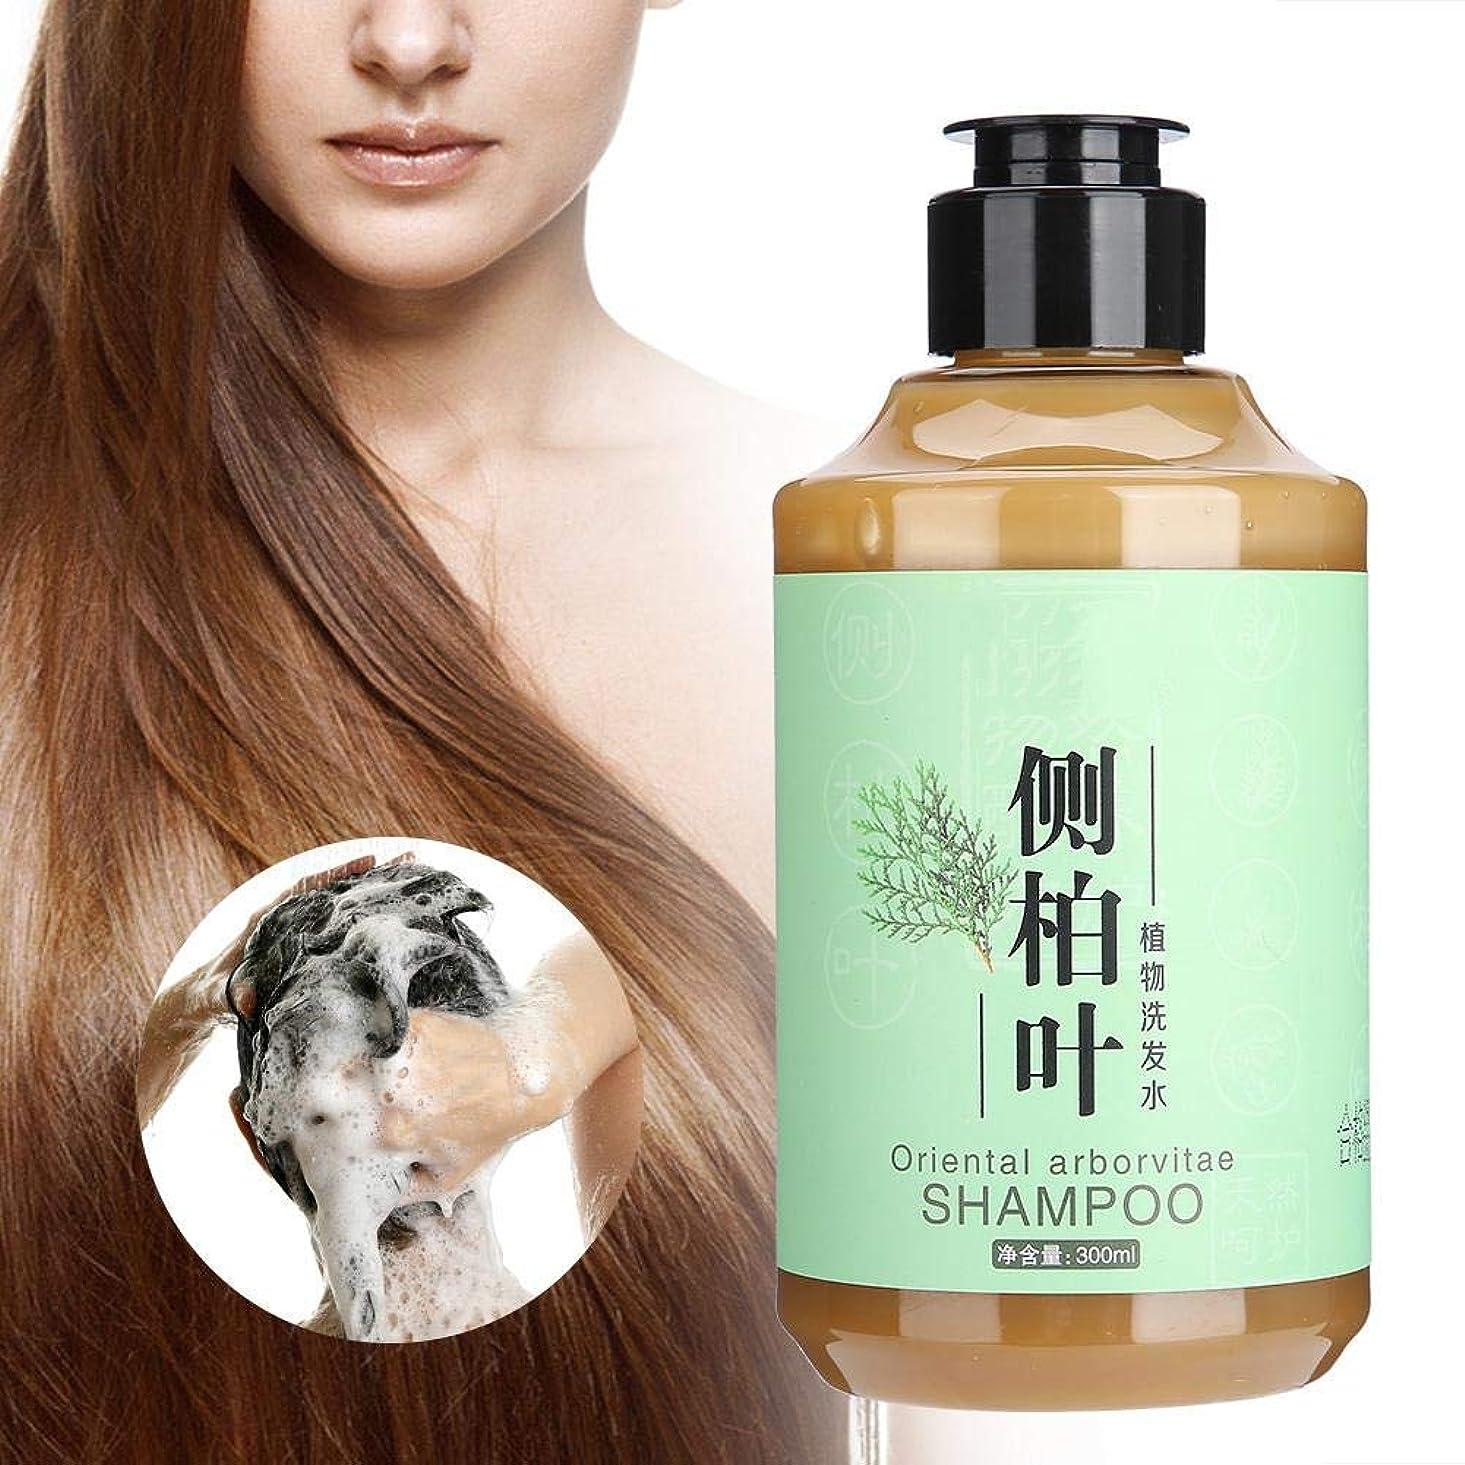 ゼリー出血誰もシャンプー、髪の毛の栄養補給、髪の毛の根元の栄養補給、すべての髪のタイプの男性と女性のための抜け毛の栄養補給用シャンプー